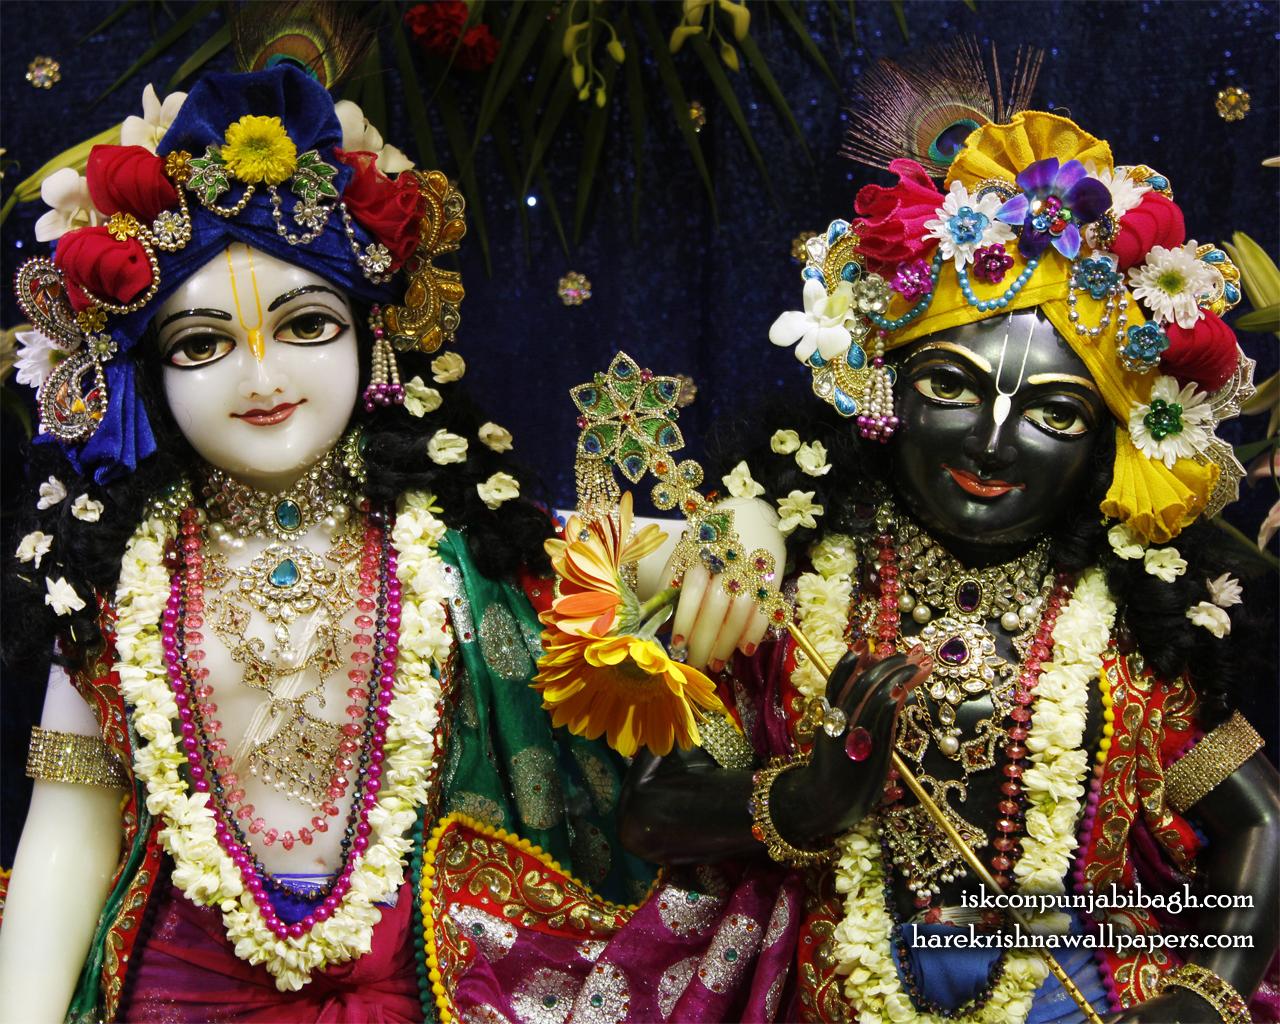 Sri Sri Krishna Balaram Close up Wallpaper (003) Size 1280x1024 Download